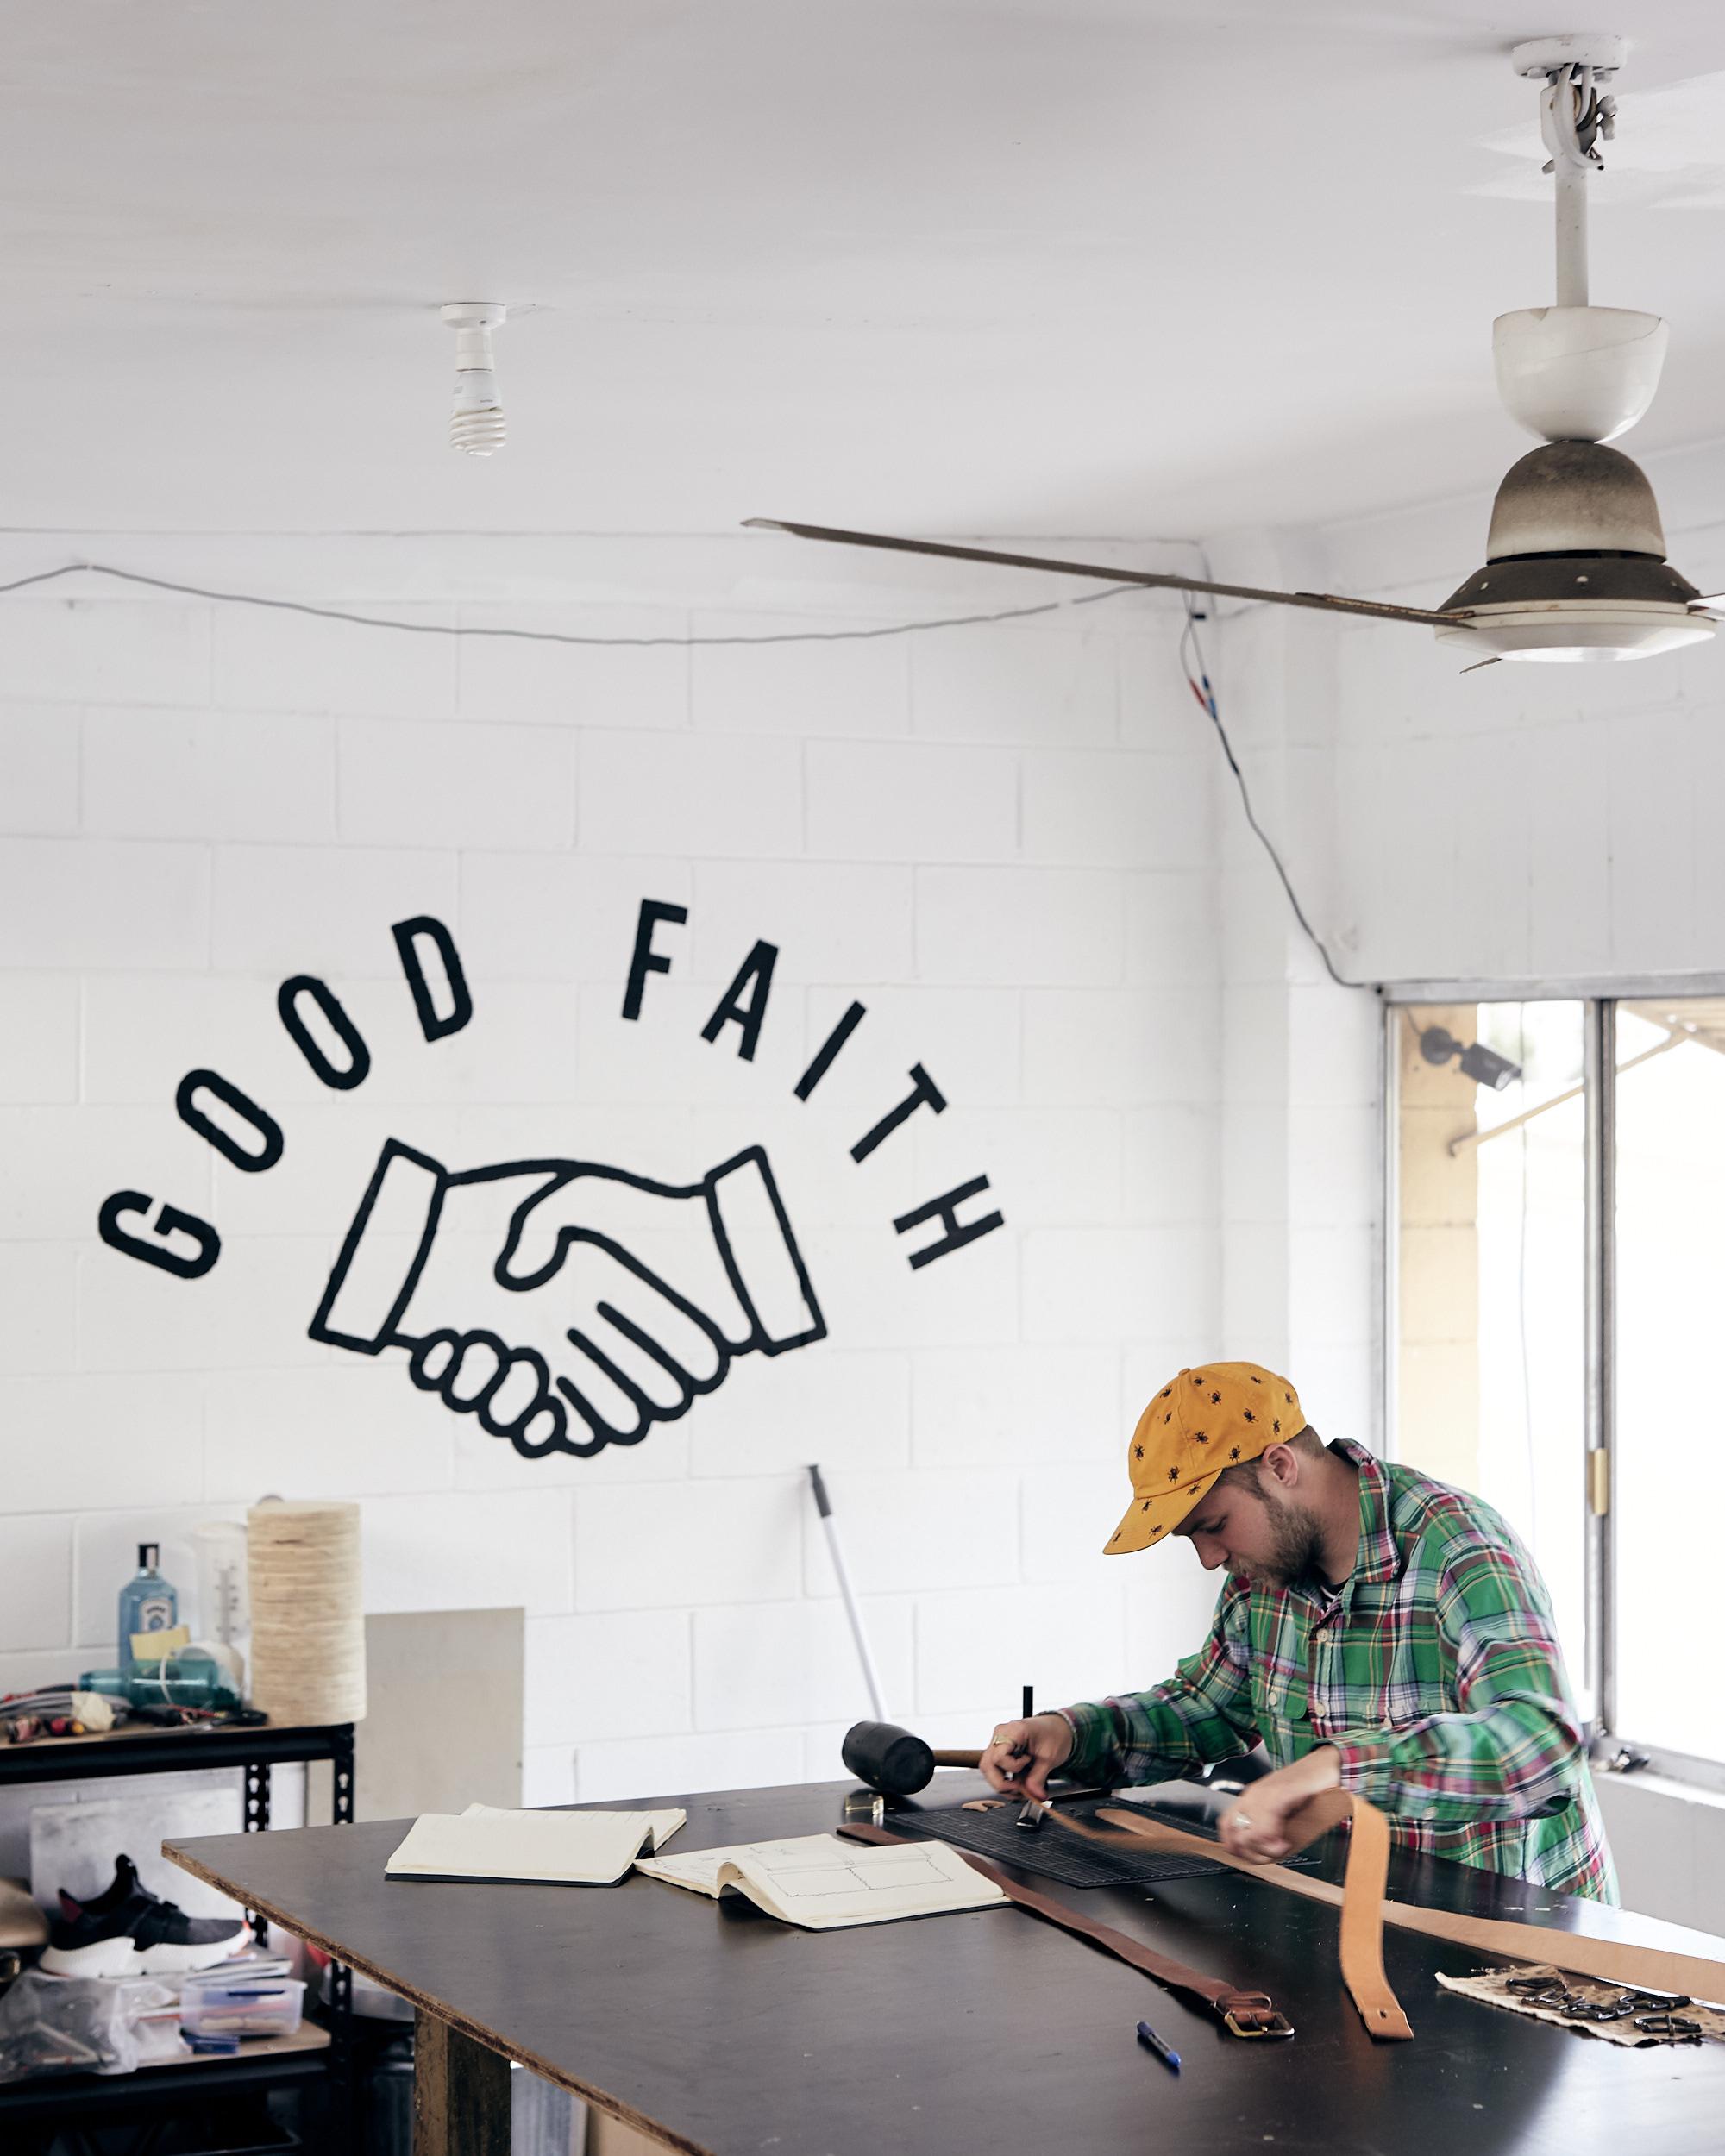 Good Faith Studio__MG_8444.jpg